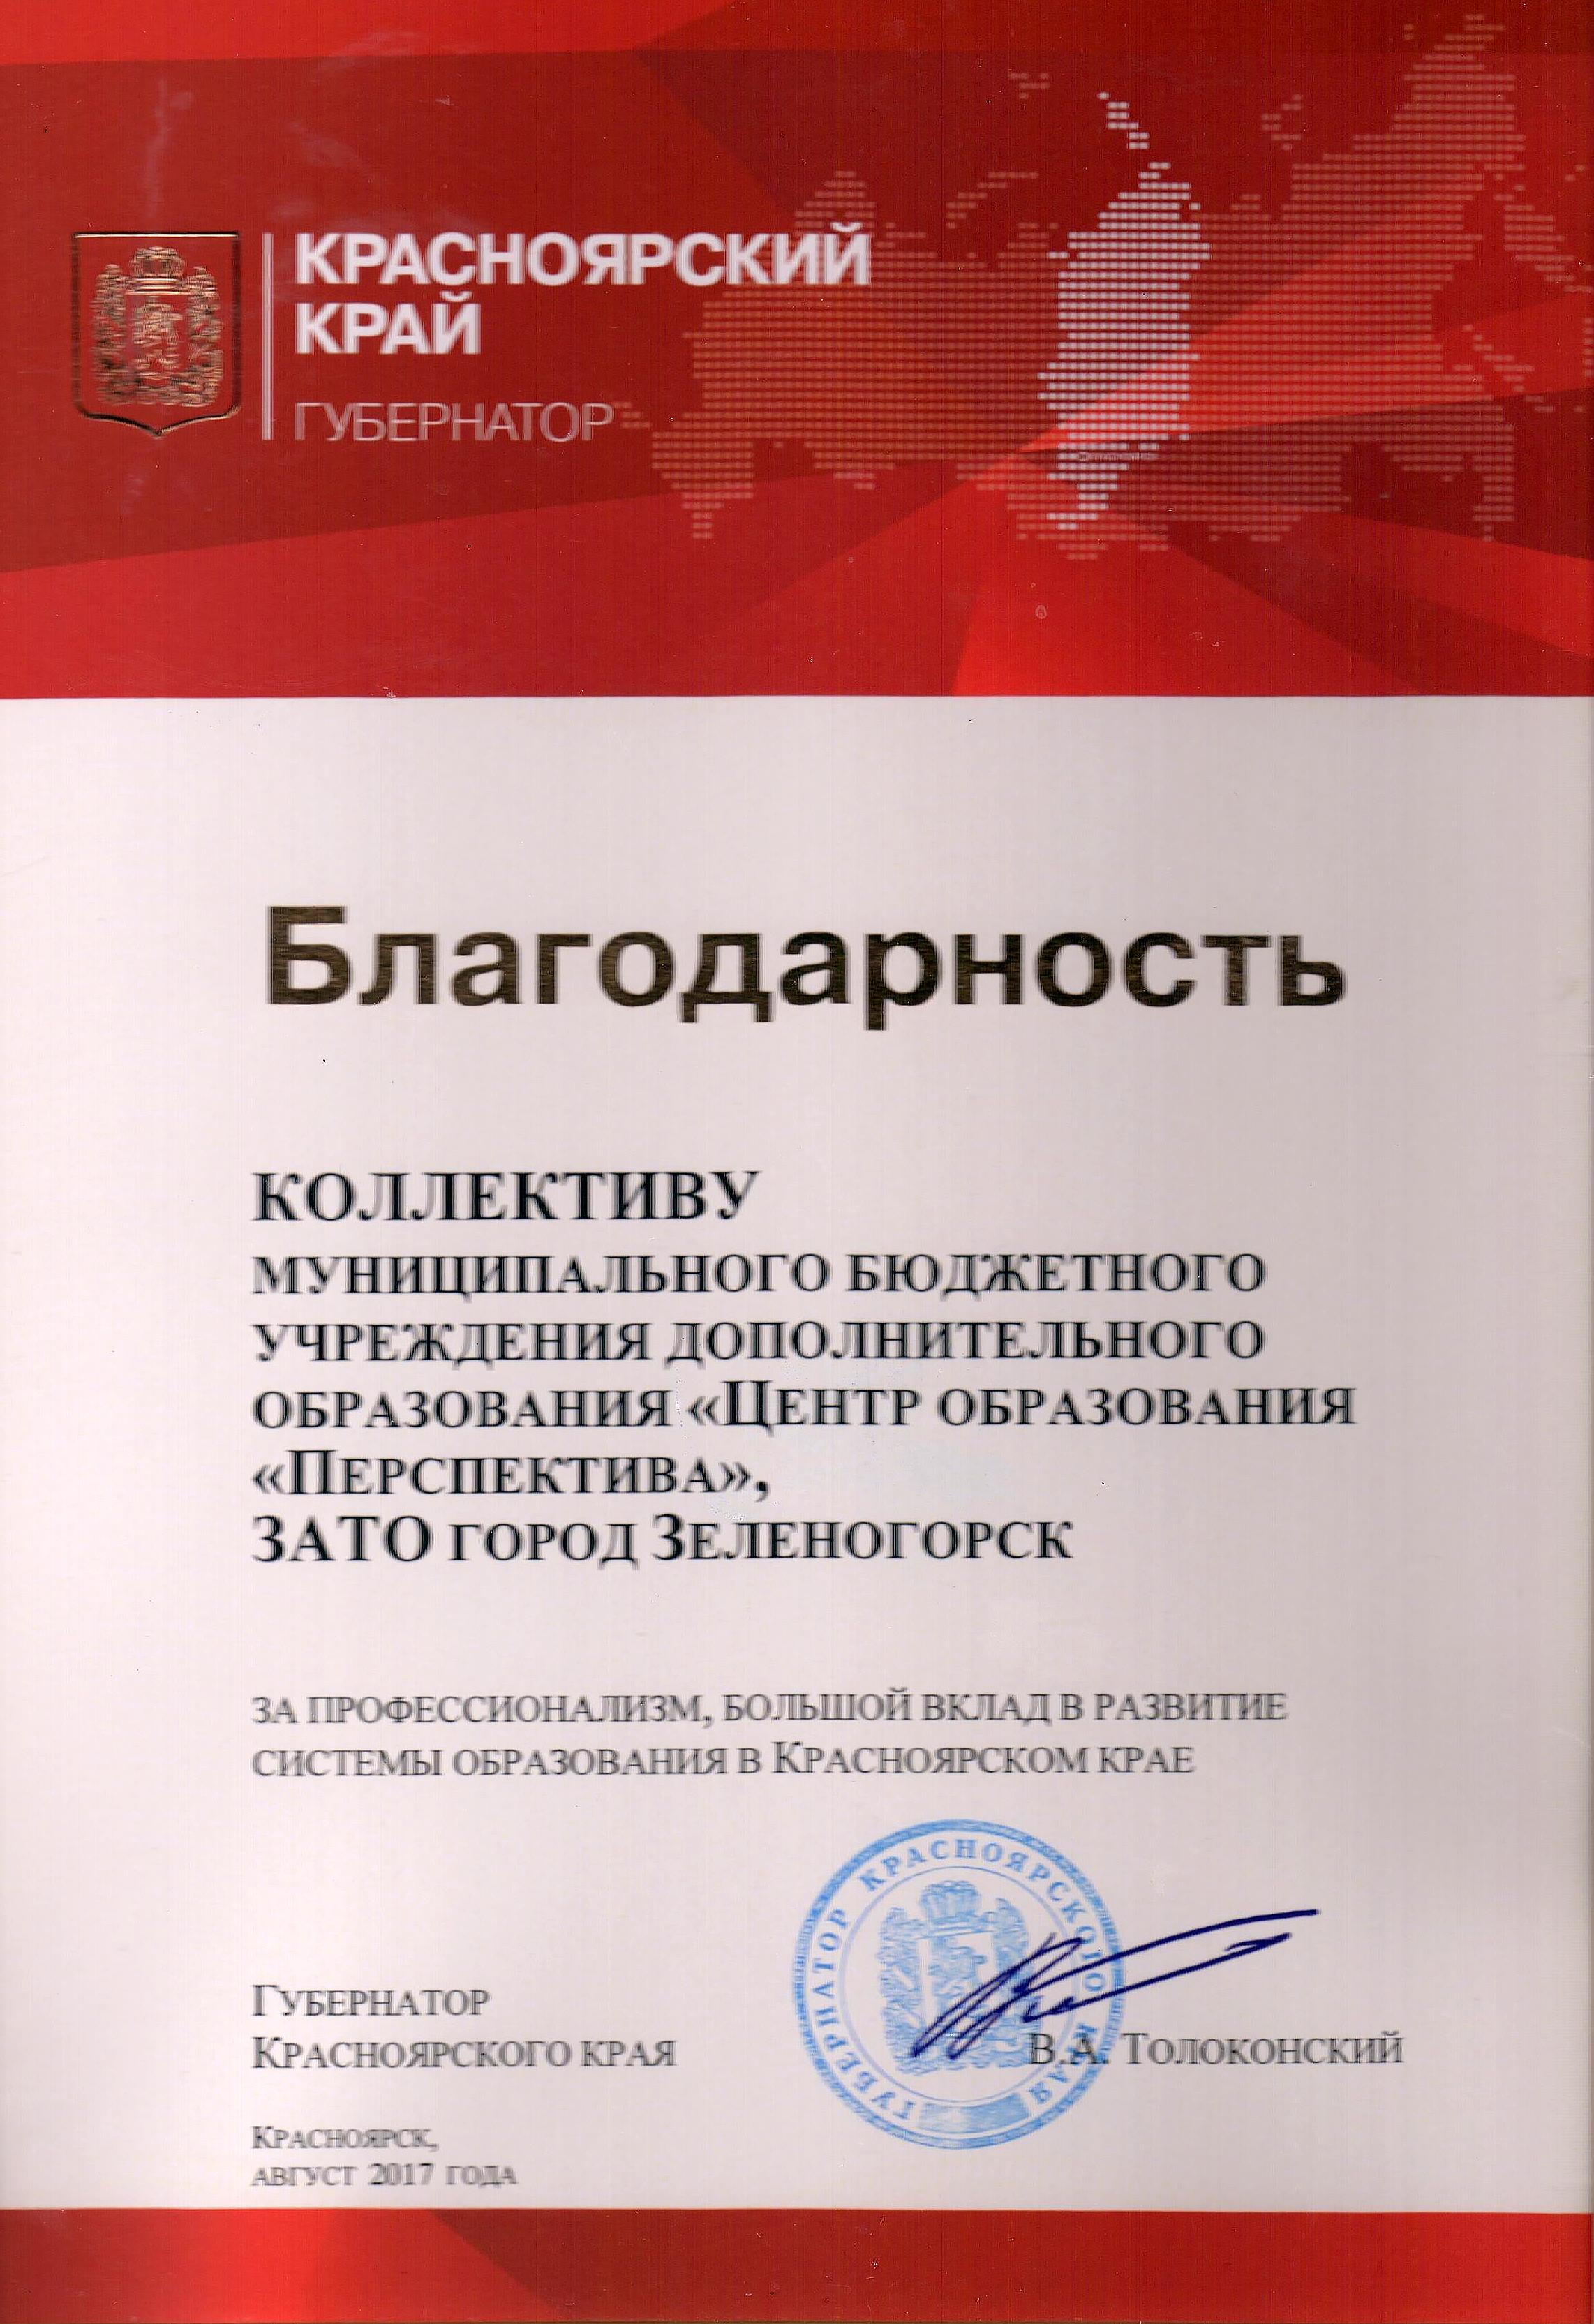 Благодарность Губернатора Красноярского края 2017+